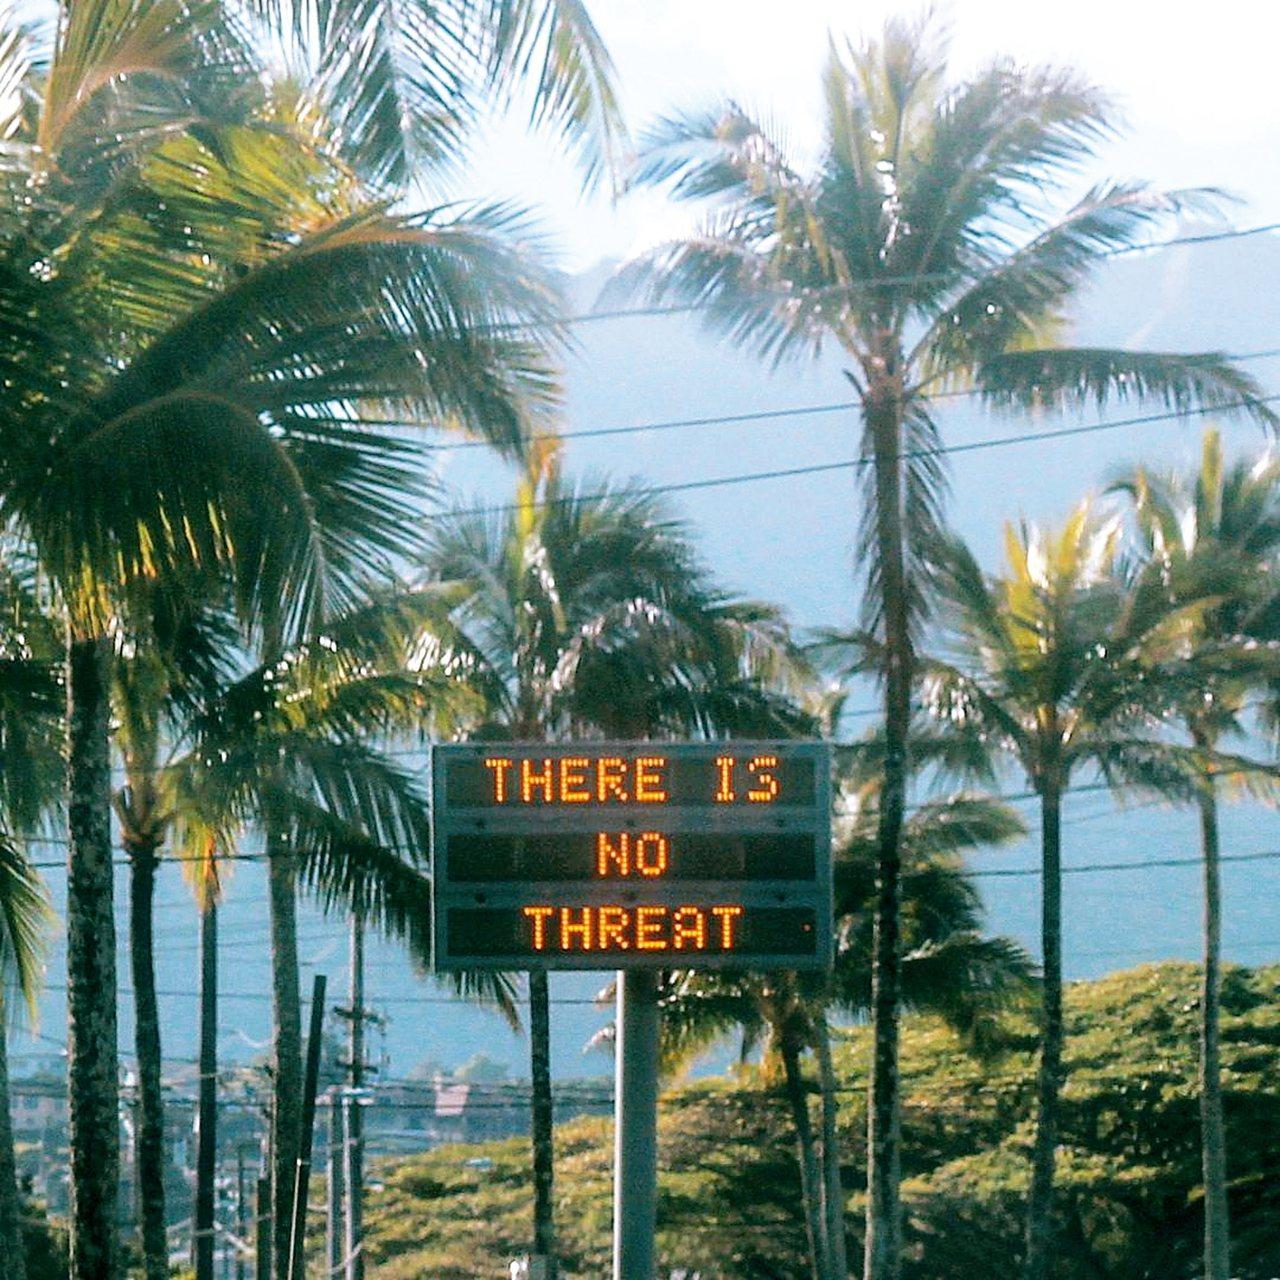 誤發飛彈來襲的警報後,歐胡島上的公路電子告示牌顯示「沒有威脅」。 路透